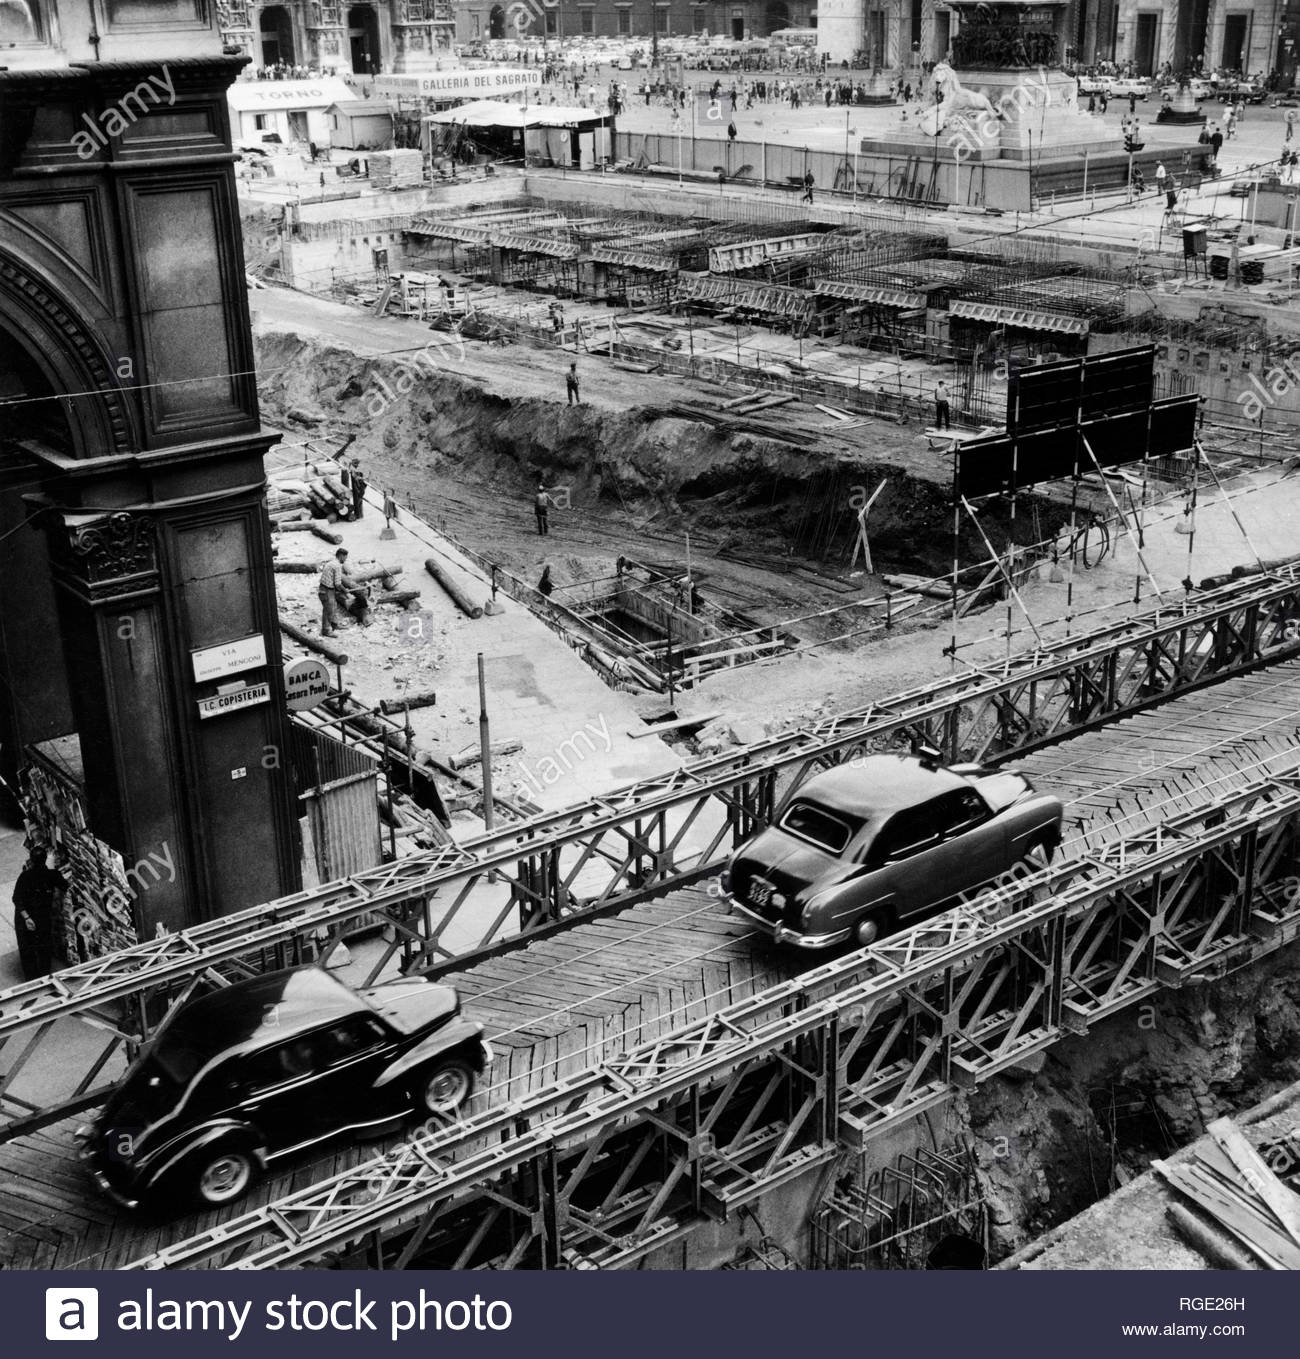 Piazza Duomo primissini anni '60 durante gli scavi della linea 1 della metropolitana. Sopraelevazioni di aspetto quasi militare (da genio pontieri) per i pocho varchi automobilistici in una Piazza letteralmente sospesa nel vuoto...